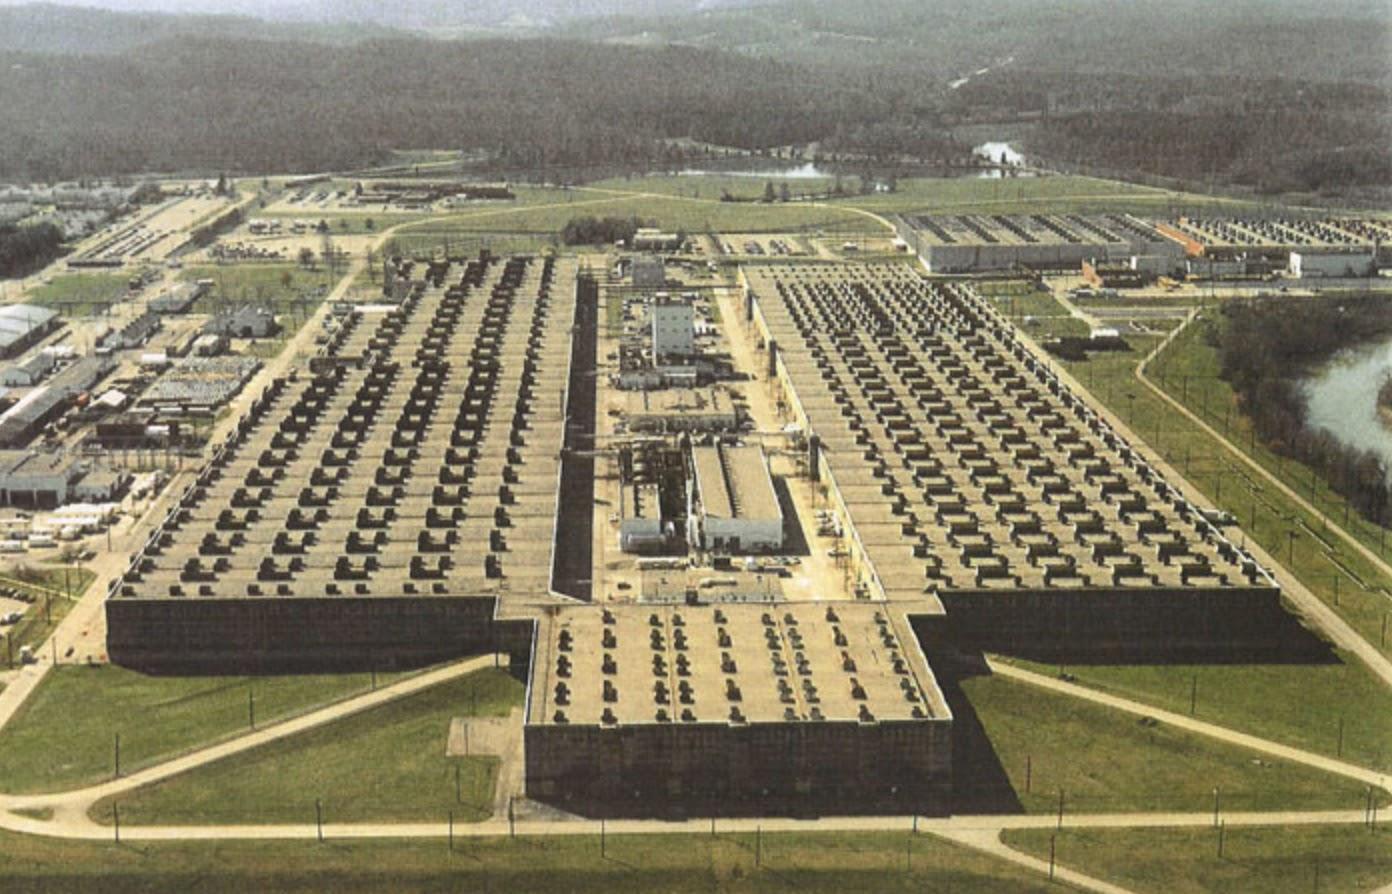 The K-25 uranium enrichment plant at Oak Ridge, Tennessee